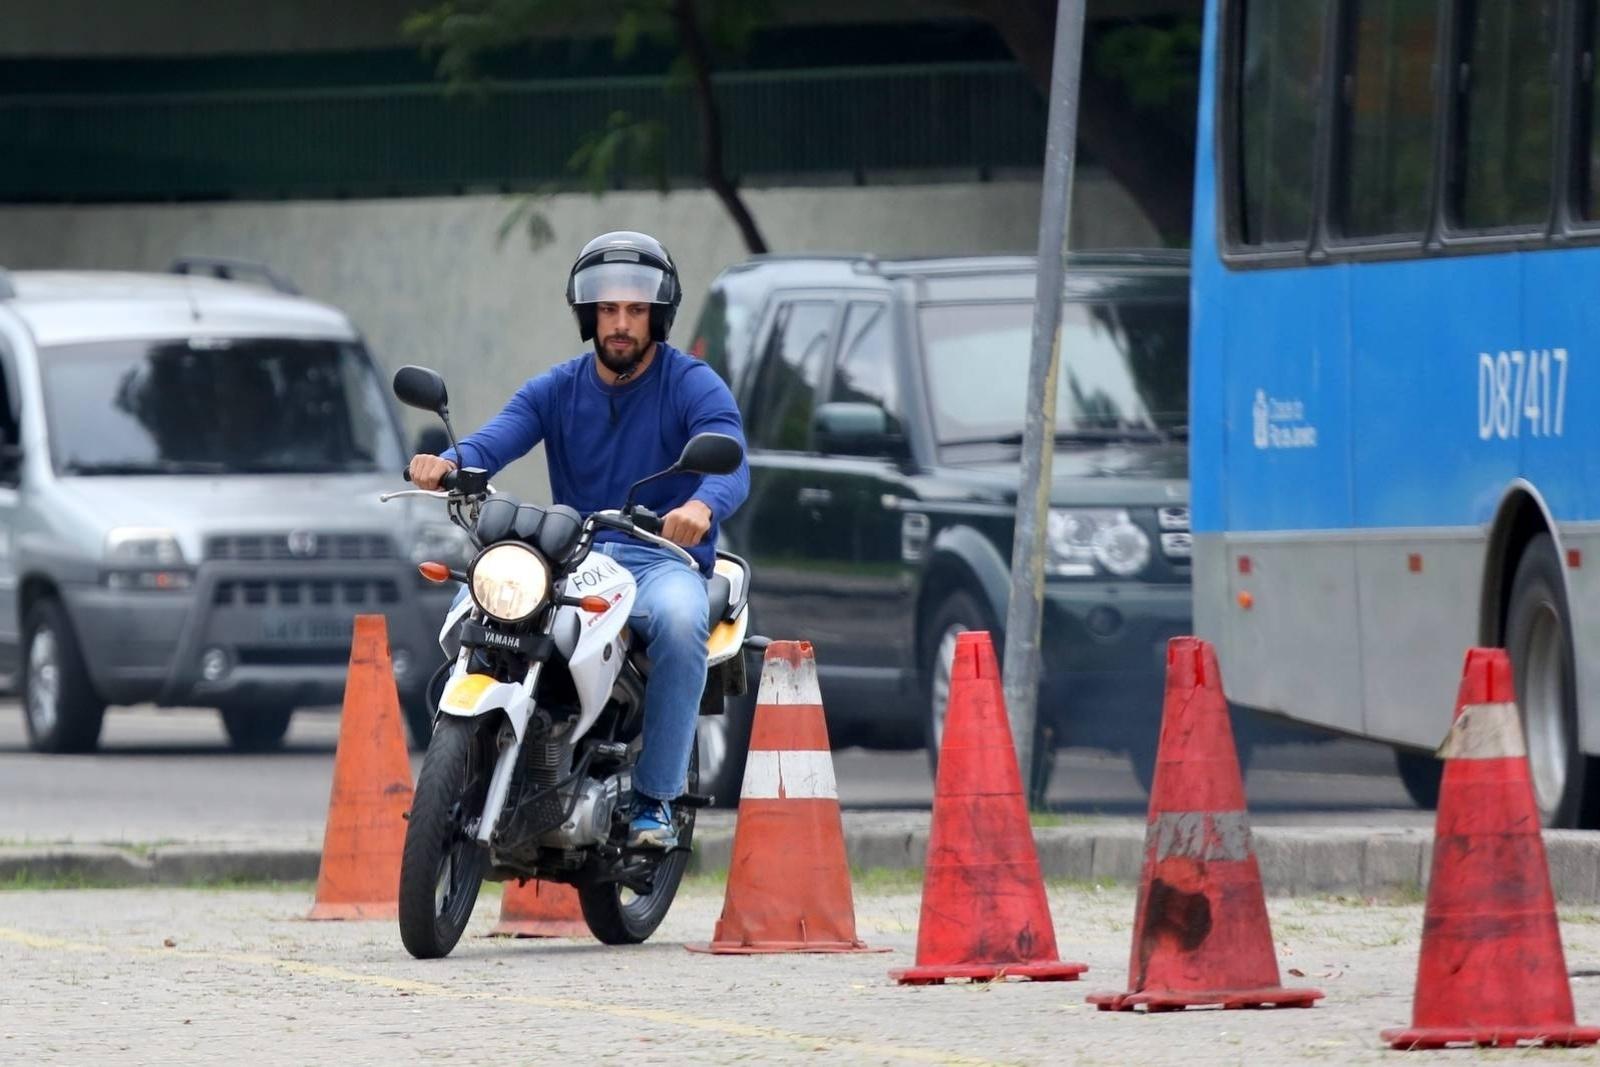 30.jun.2014 - Cauã Reymond tem aula prática de moto em autoescola no Rio de Janeiro. O ator foi fotografado em exercício que consiste conduzir o veículo em ziguezague entre cones